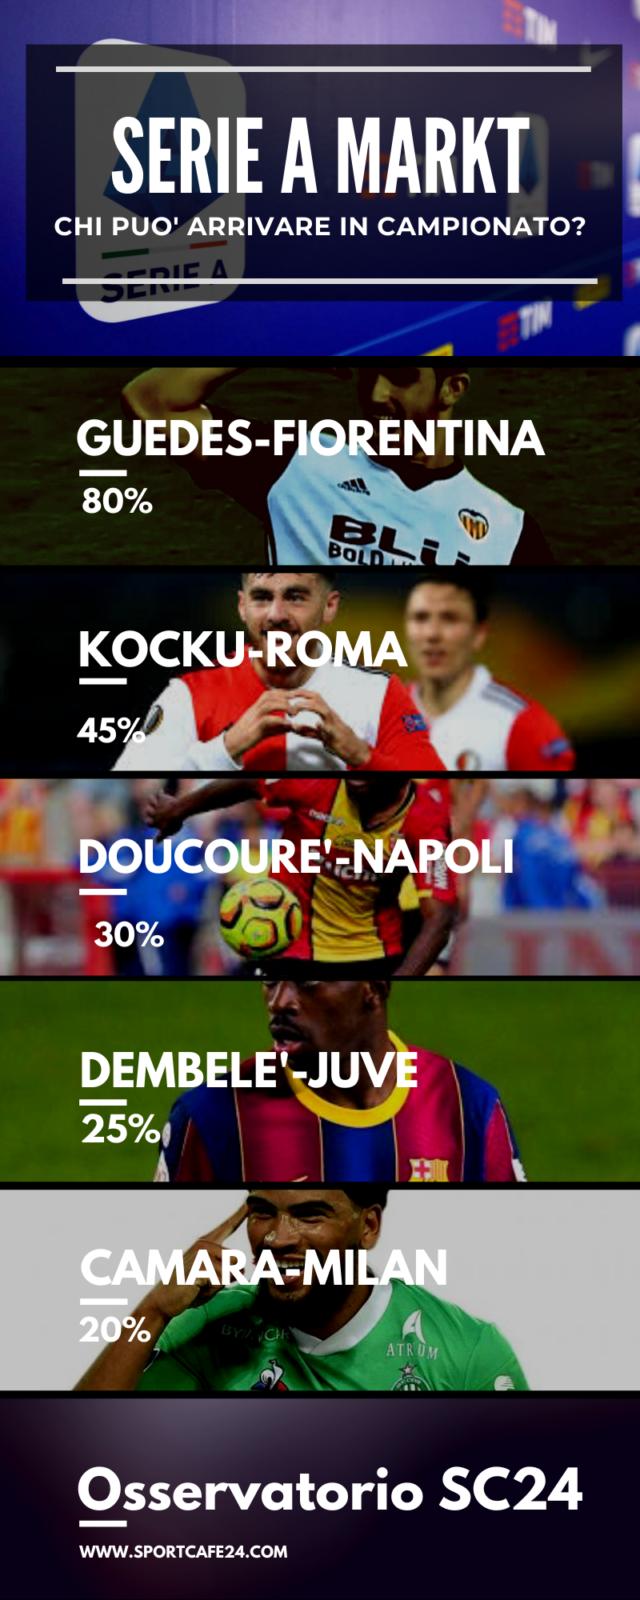 La Juventus punta Dembele